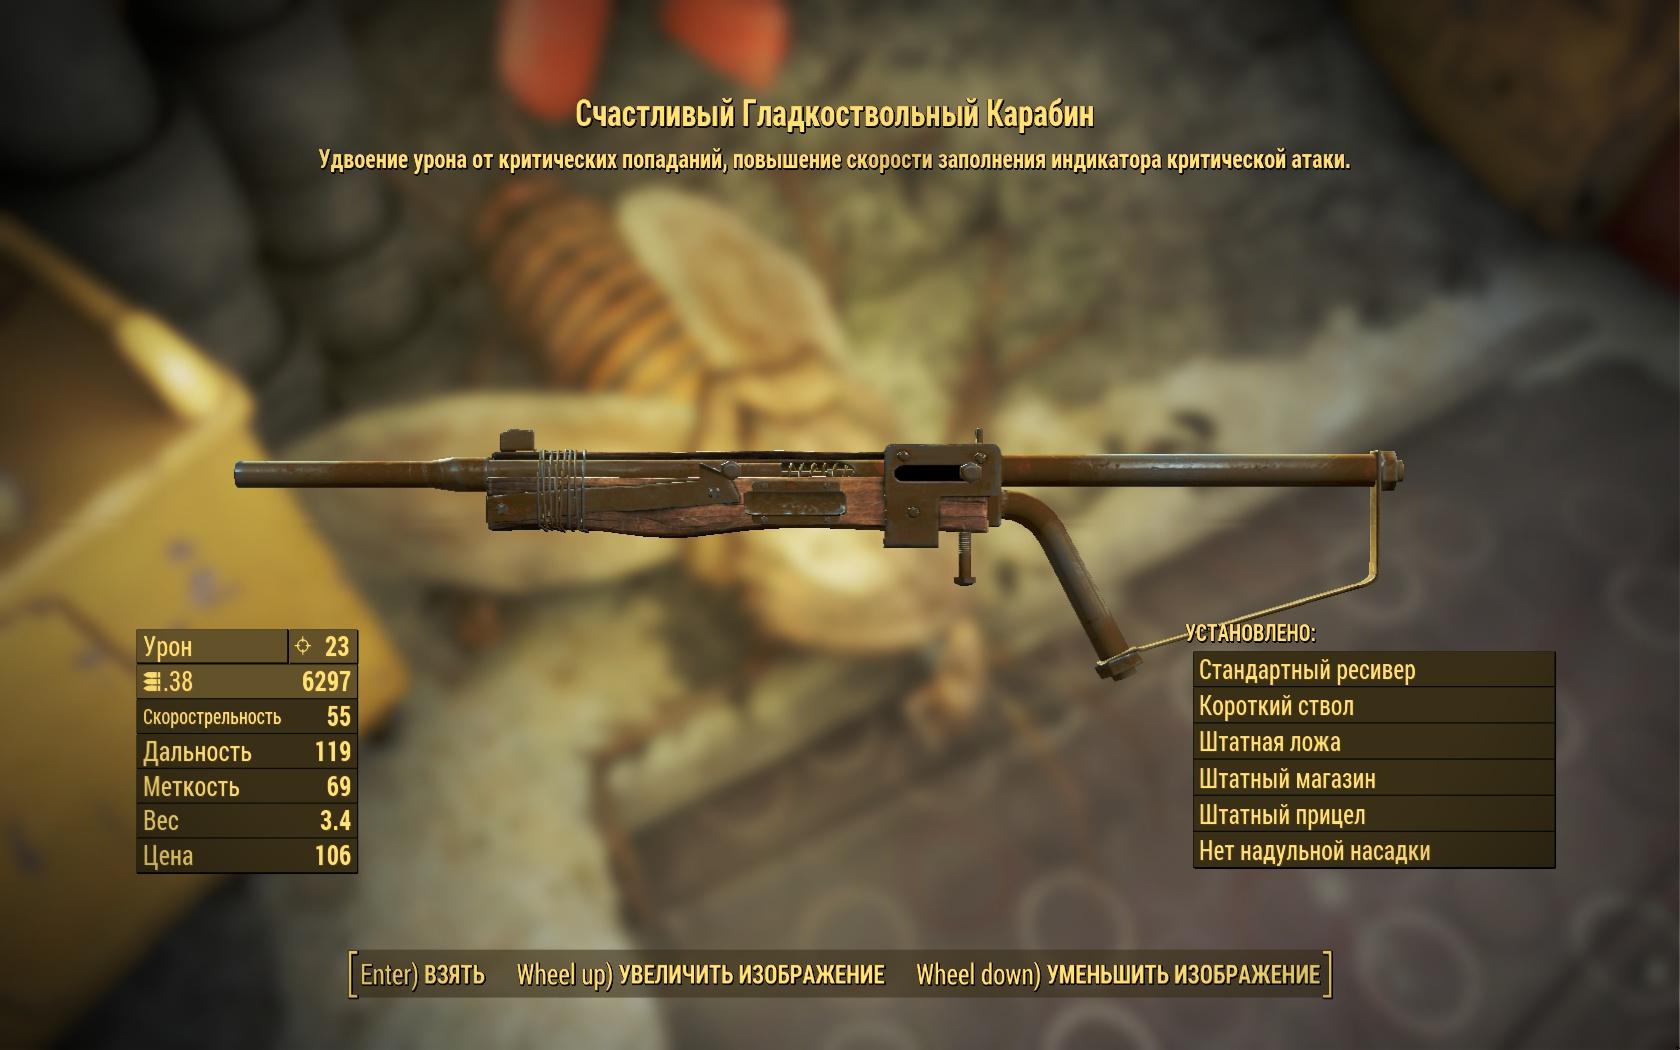 карабин - Fallout 4 гладкоствольный, Оружие, Счастливый